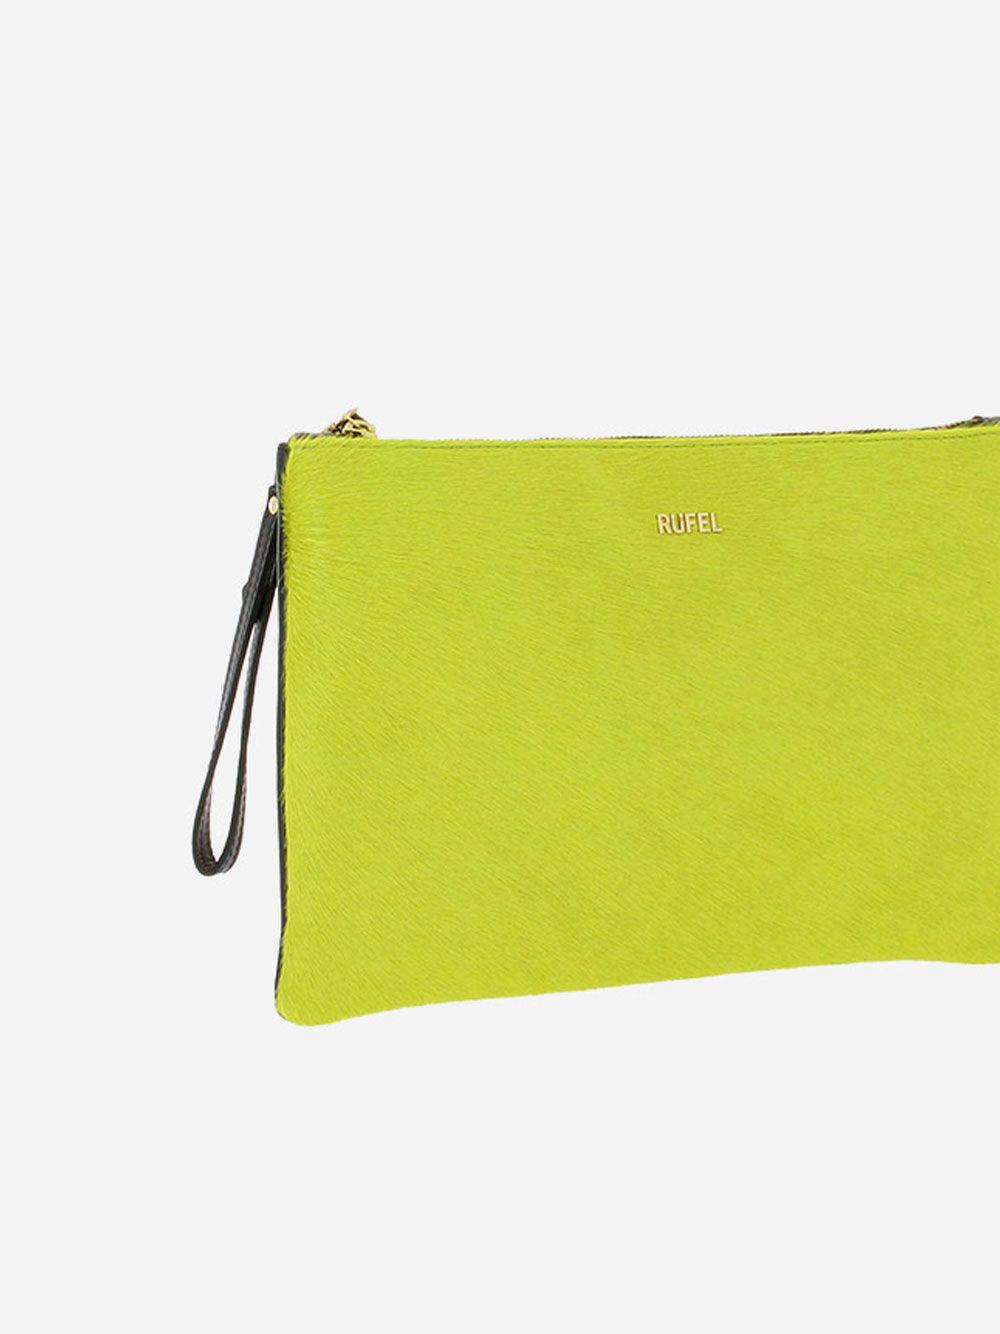 Fluorescent Handbag   Rufel